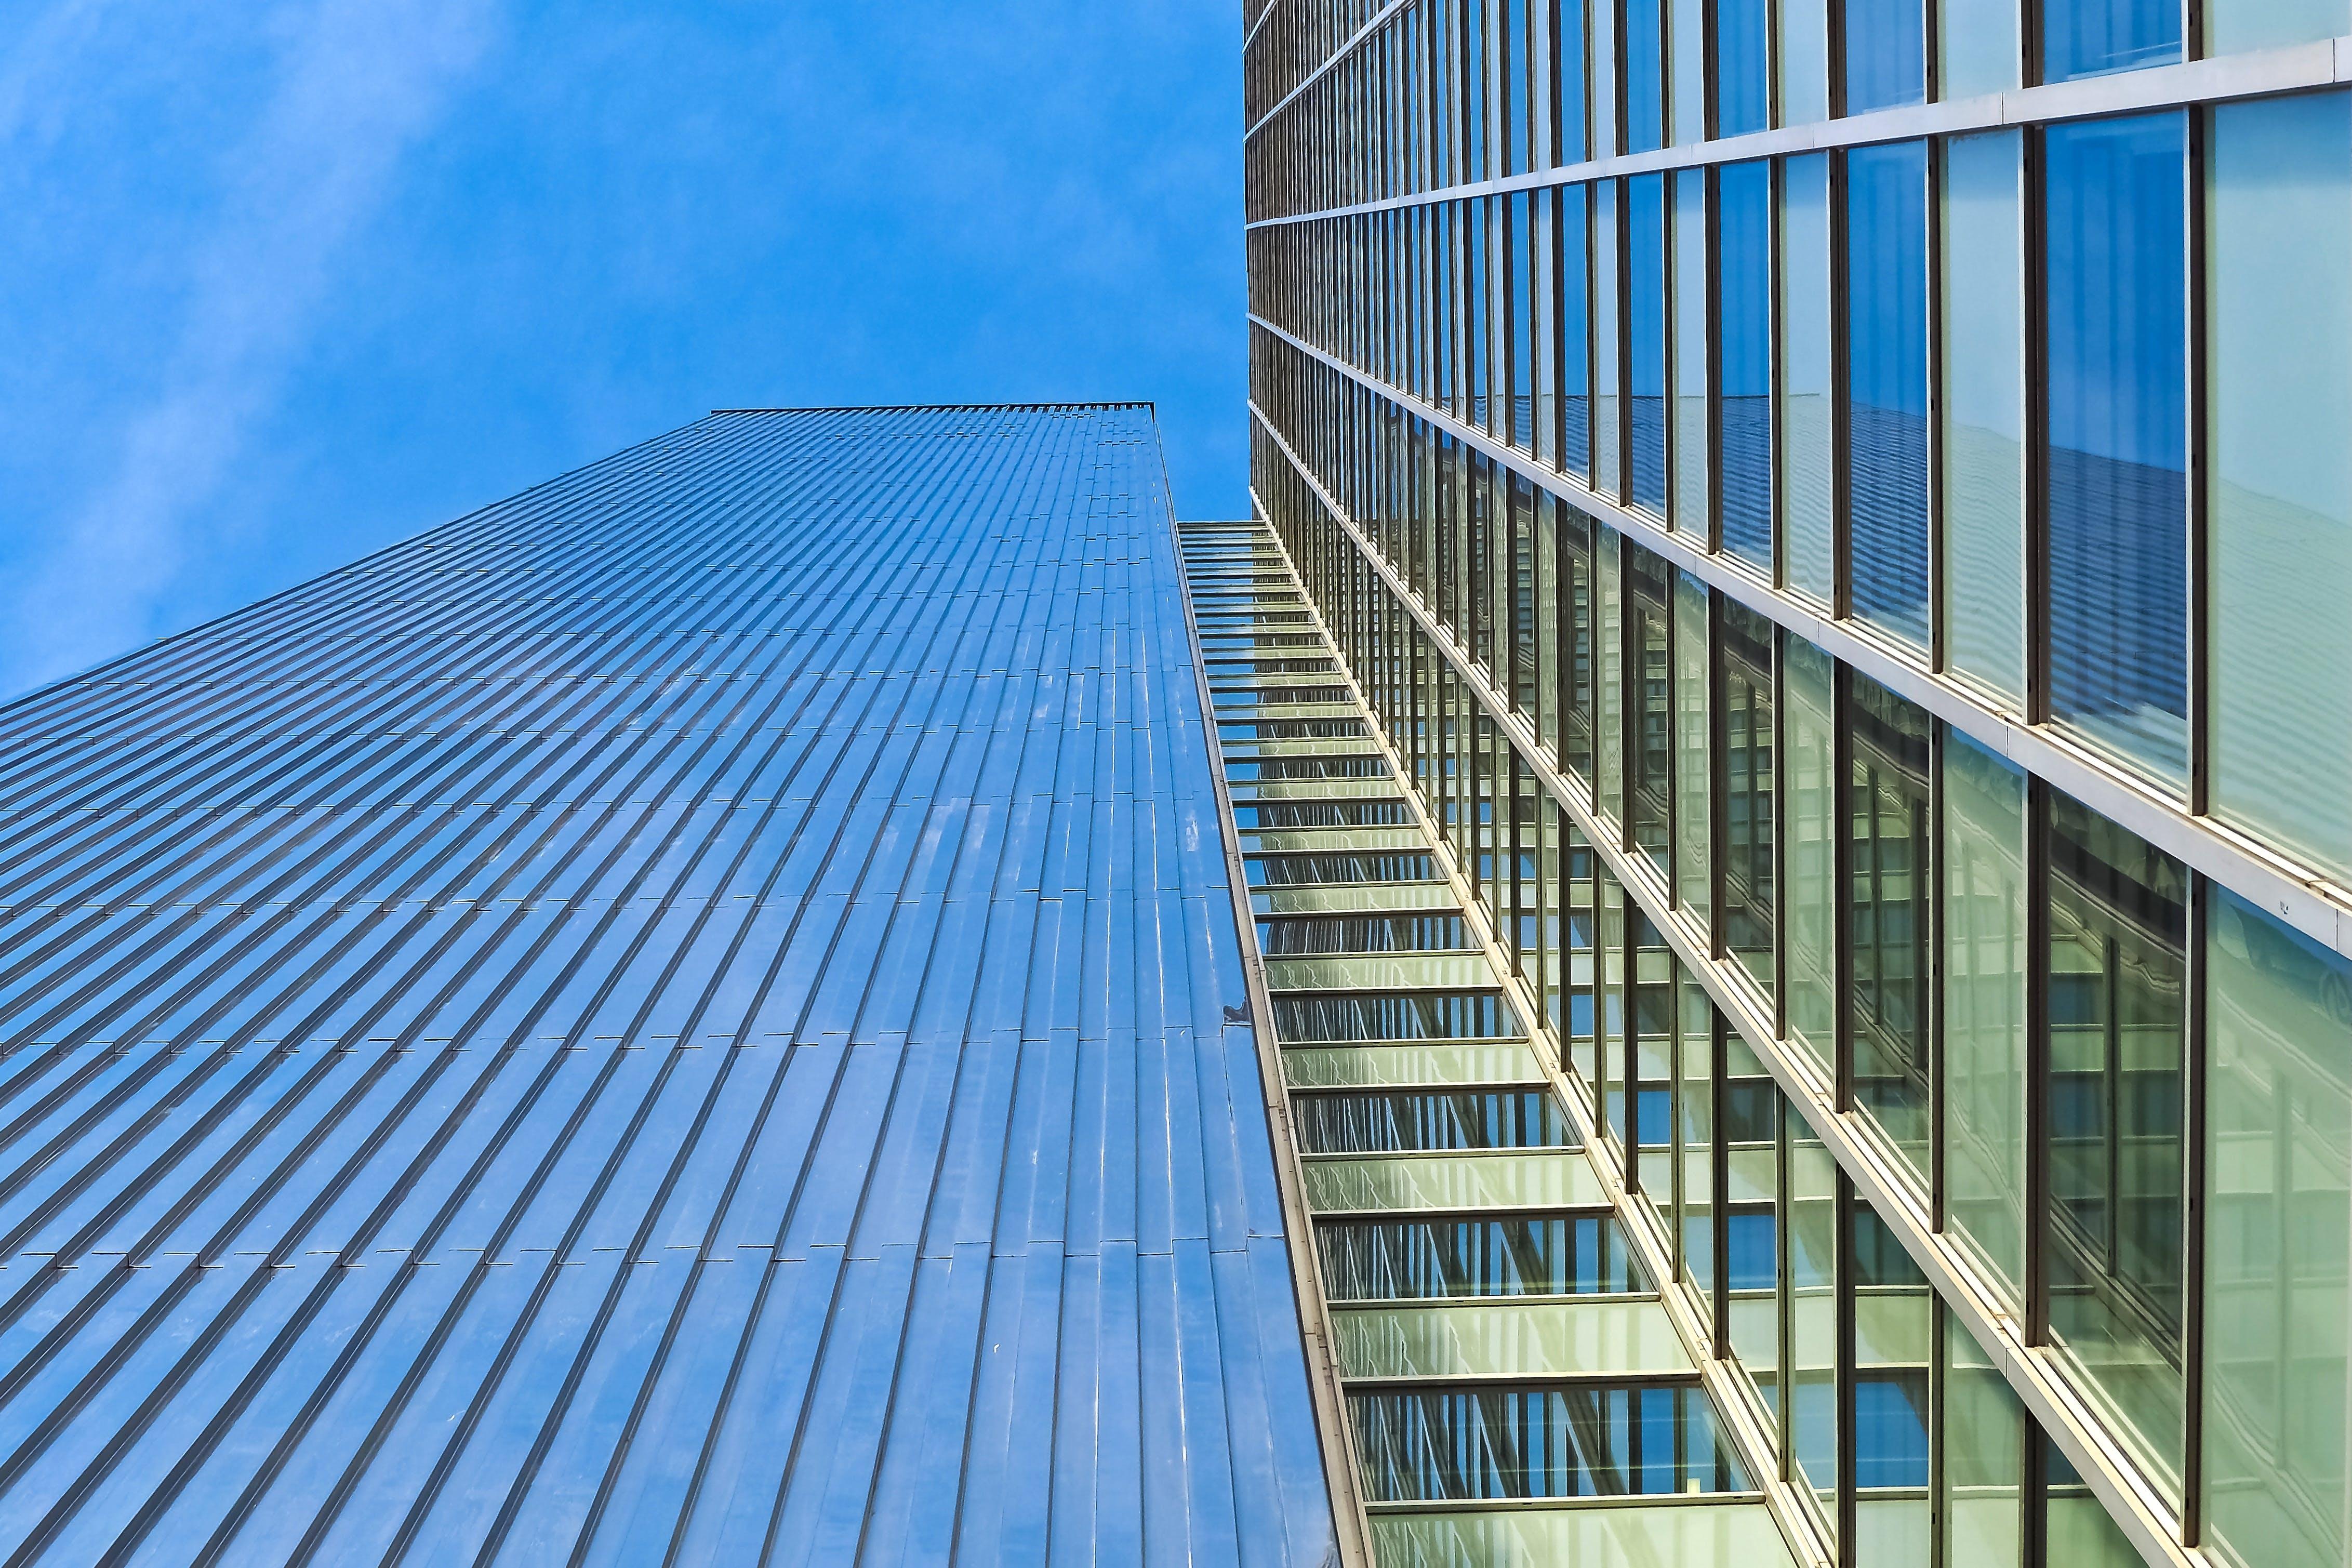 Fotos de stock gratuitas de acero, arquitectura, céntrico, ciudad